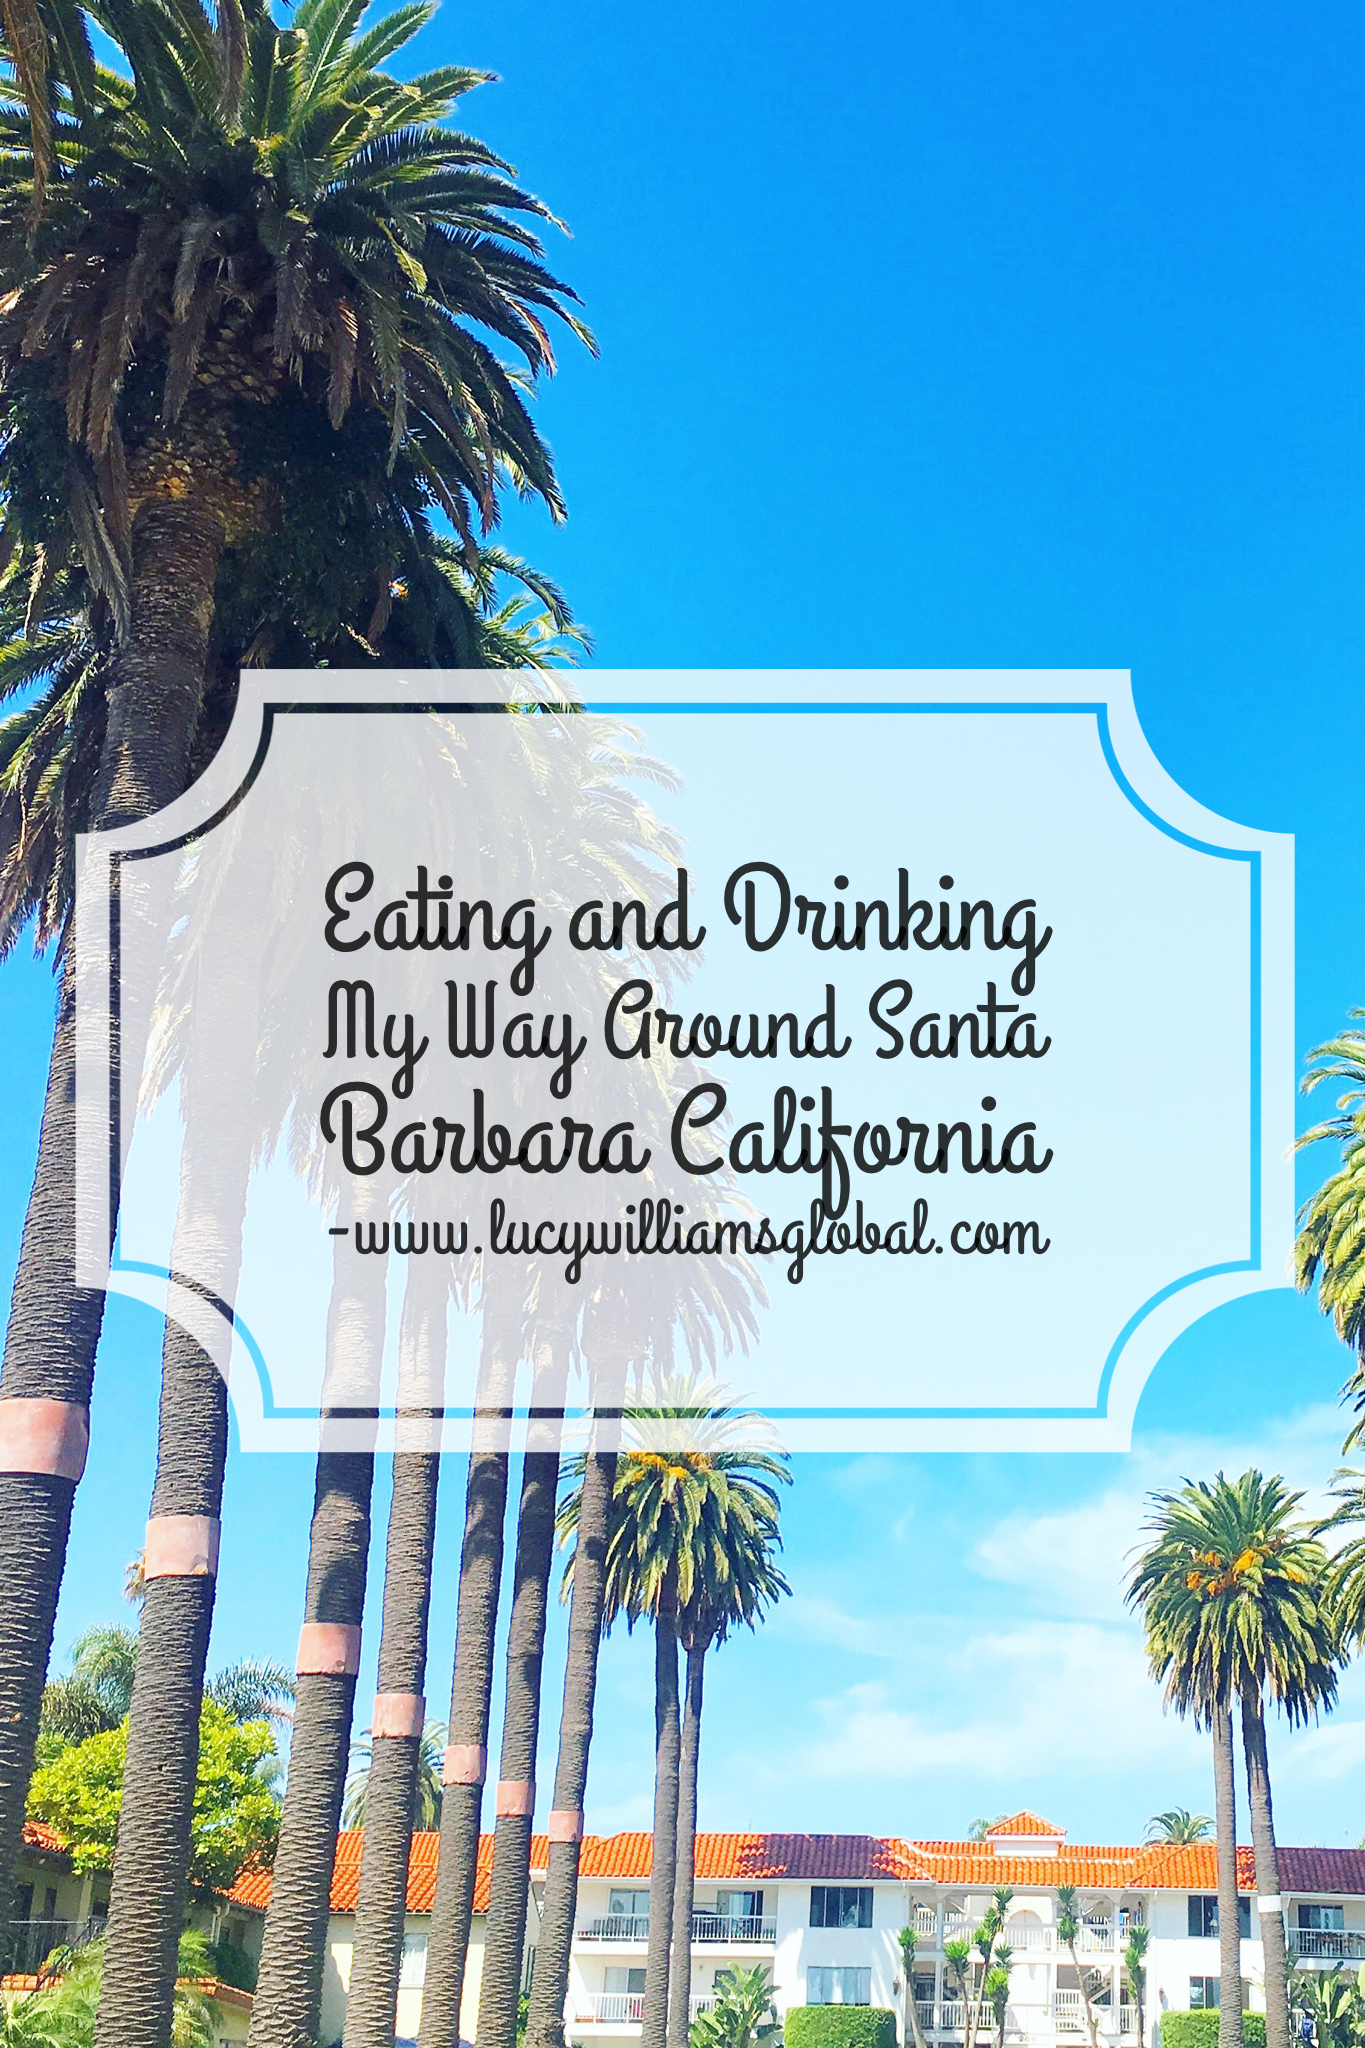 Eating and Drinking My Way Around Santa Barbara California